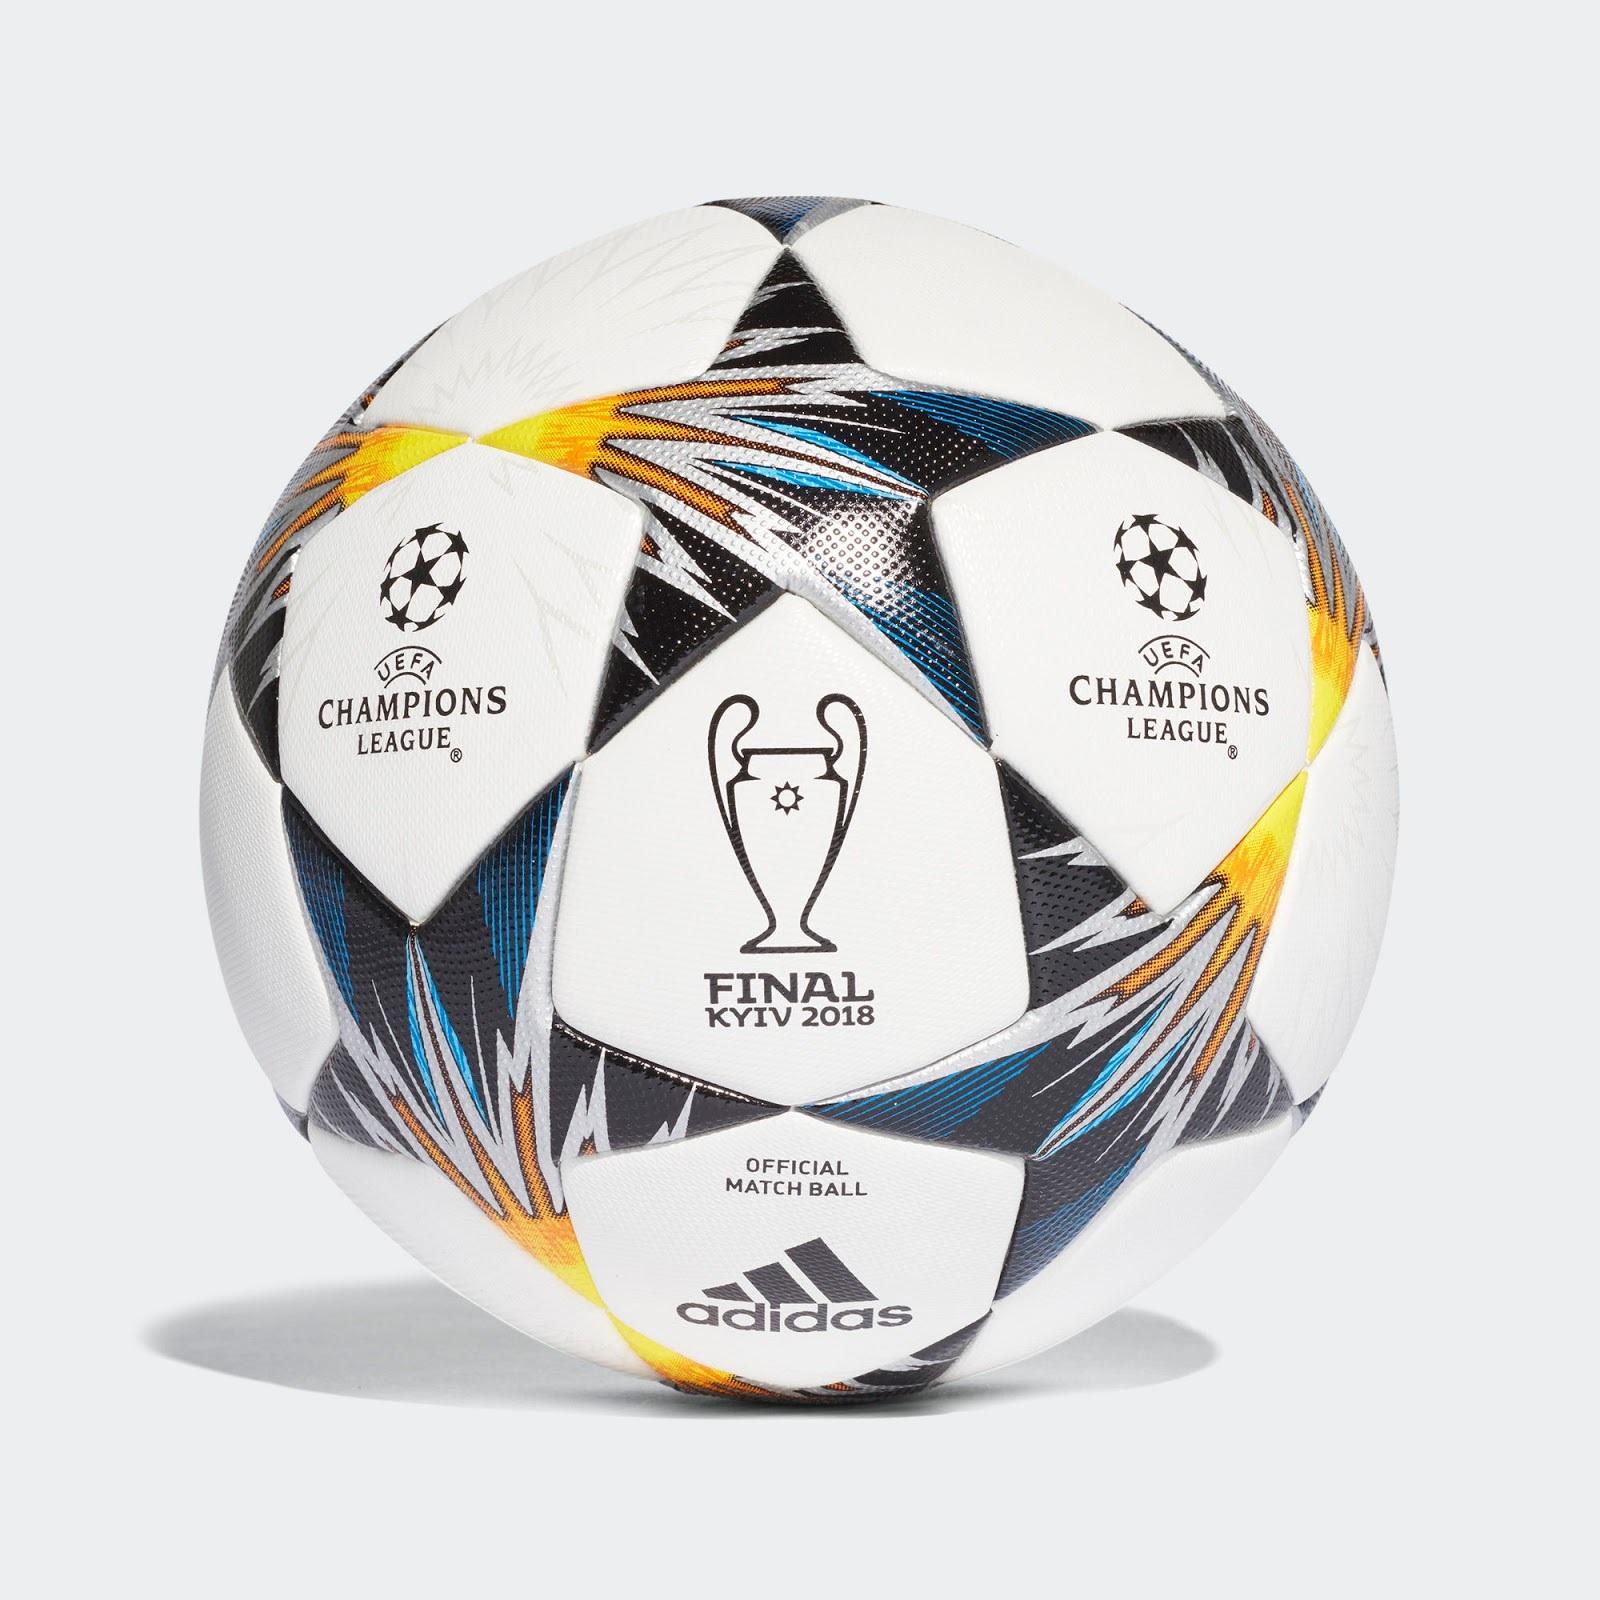 Представлен официальный мяч финала Лиги чемпионов в Киеве (+Фото) - изображение 1